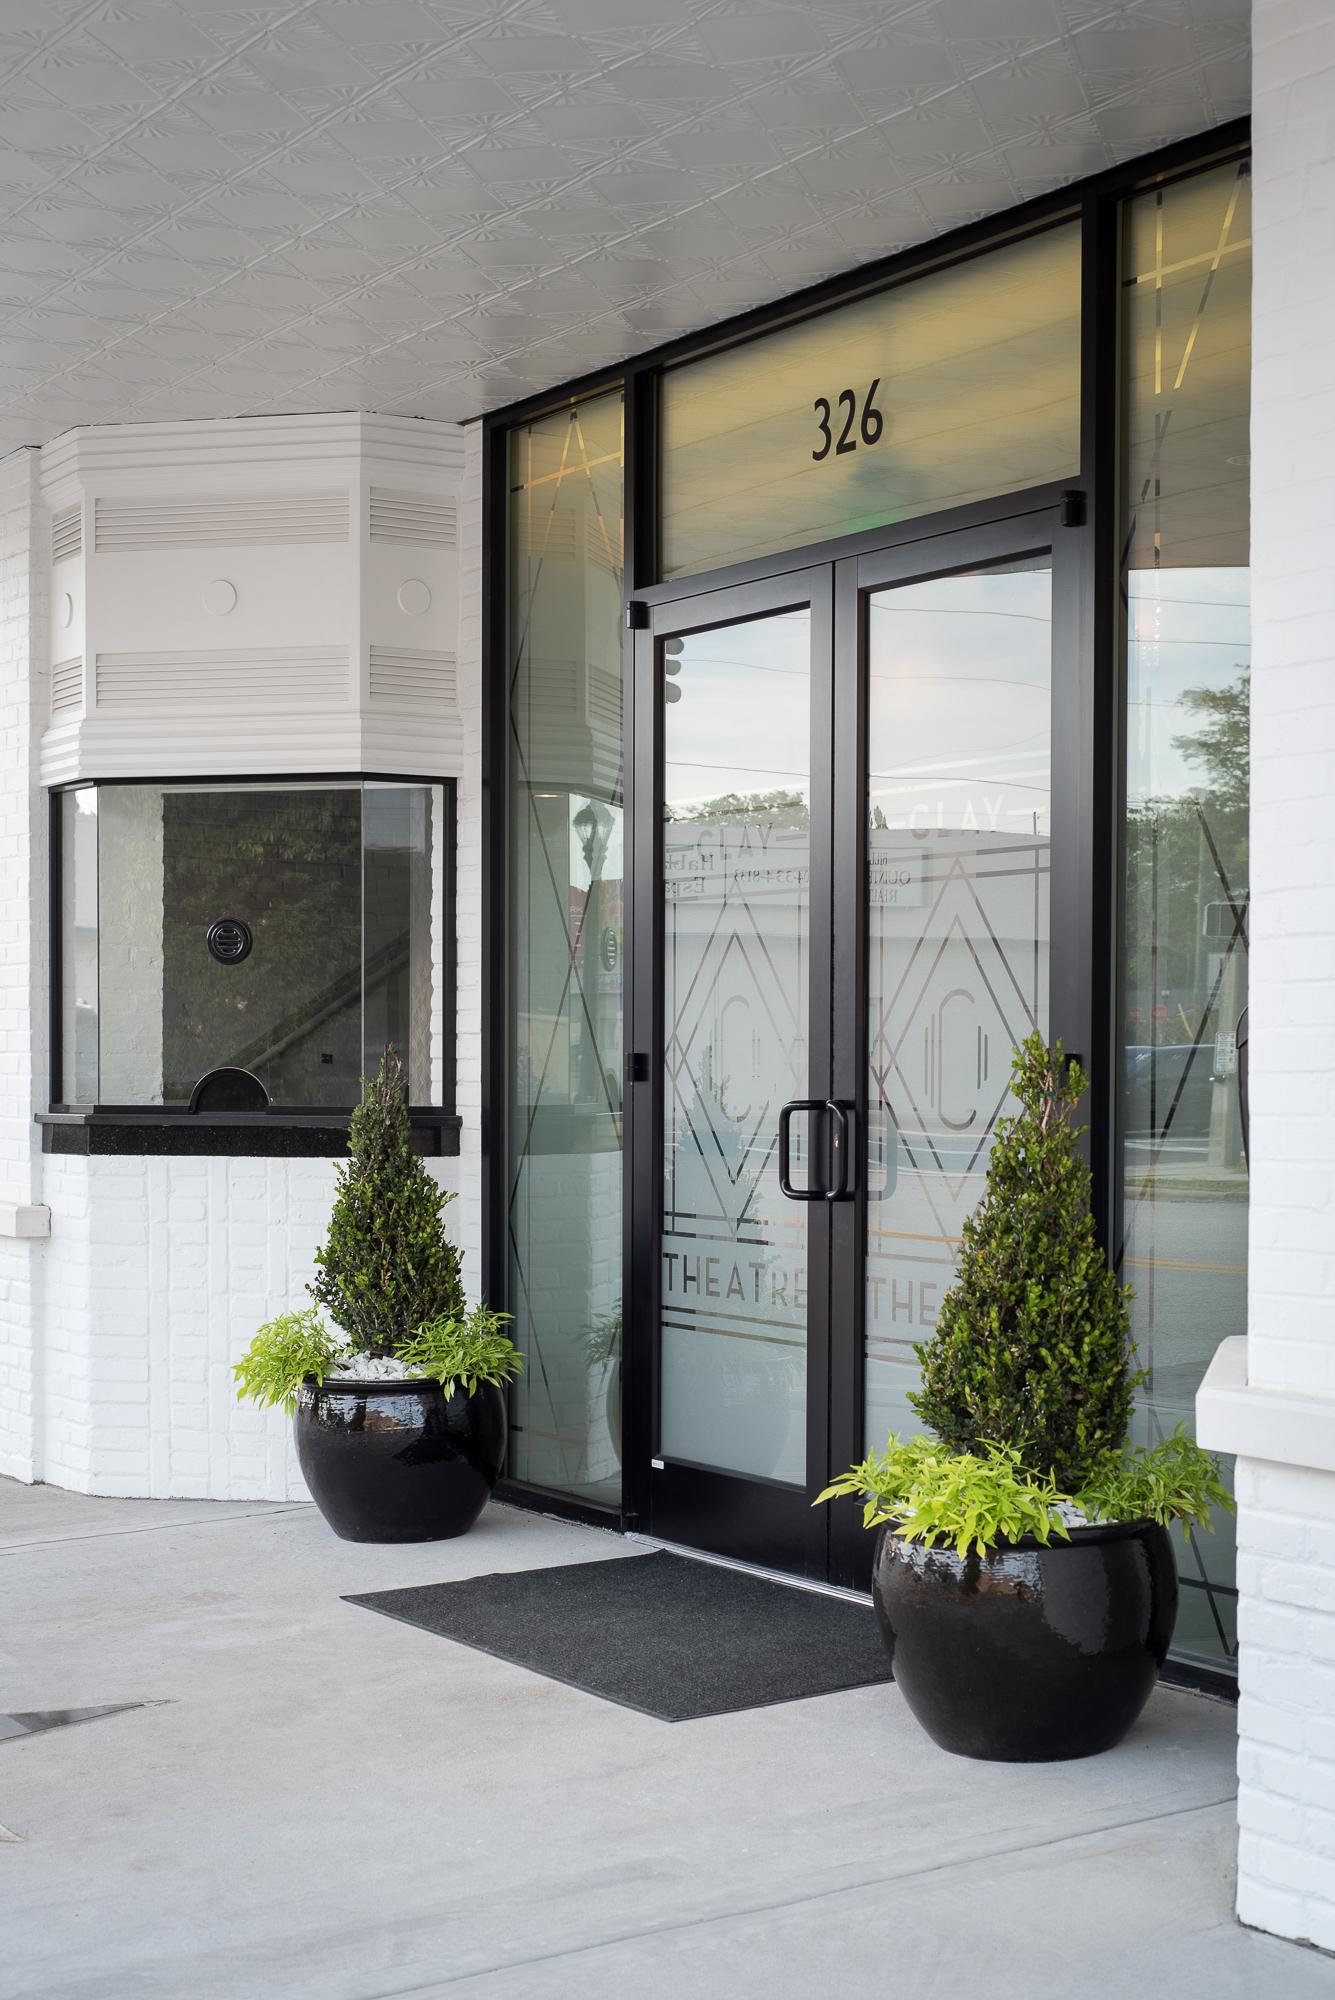 Micamy Design Studio_Interior Design_Clay Theatre_Event Space_Venue_Wedding_Art Deco_Modern_Historic_Renovation_Exterior_Front Door_Ticket Window.jpg